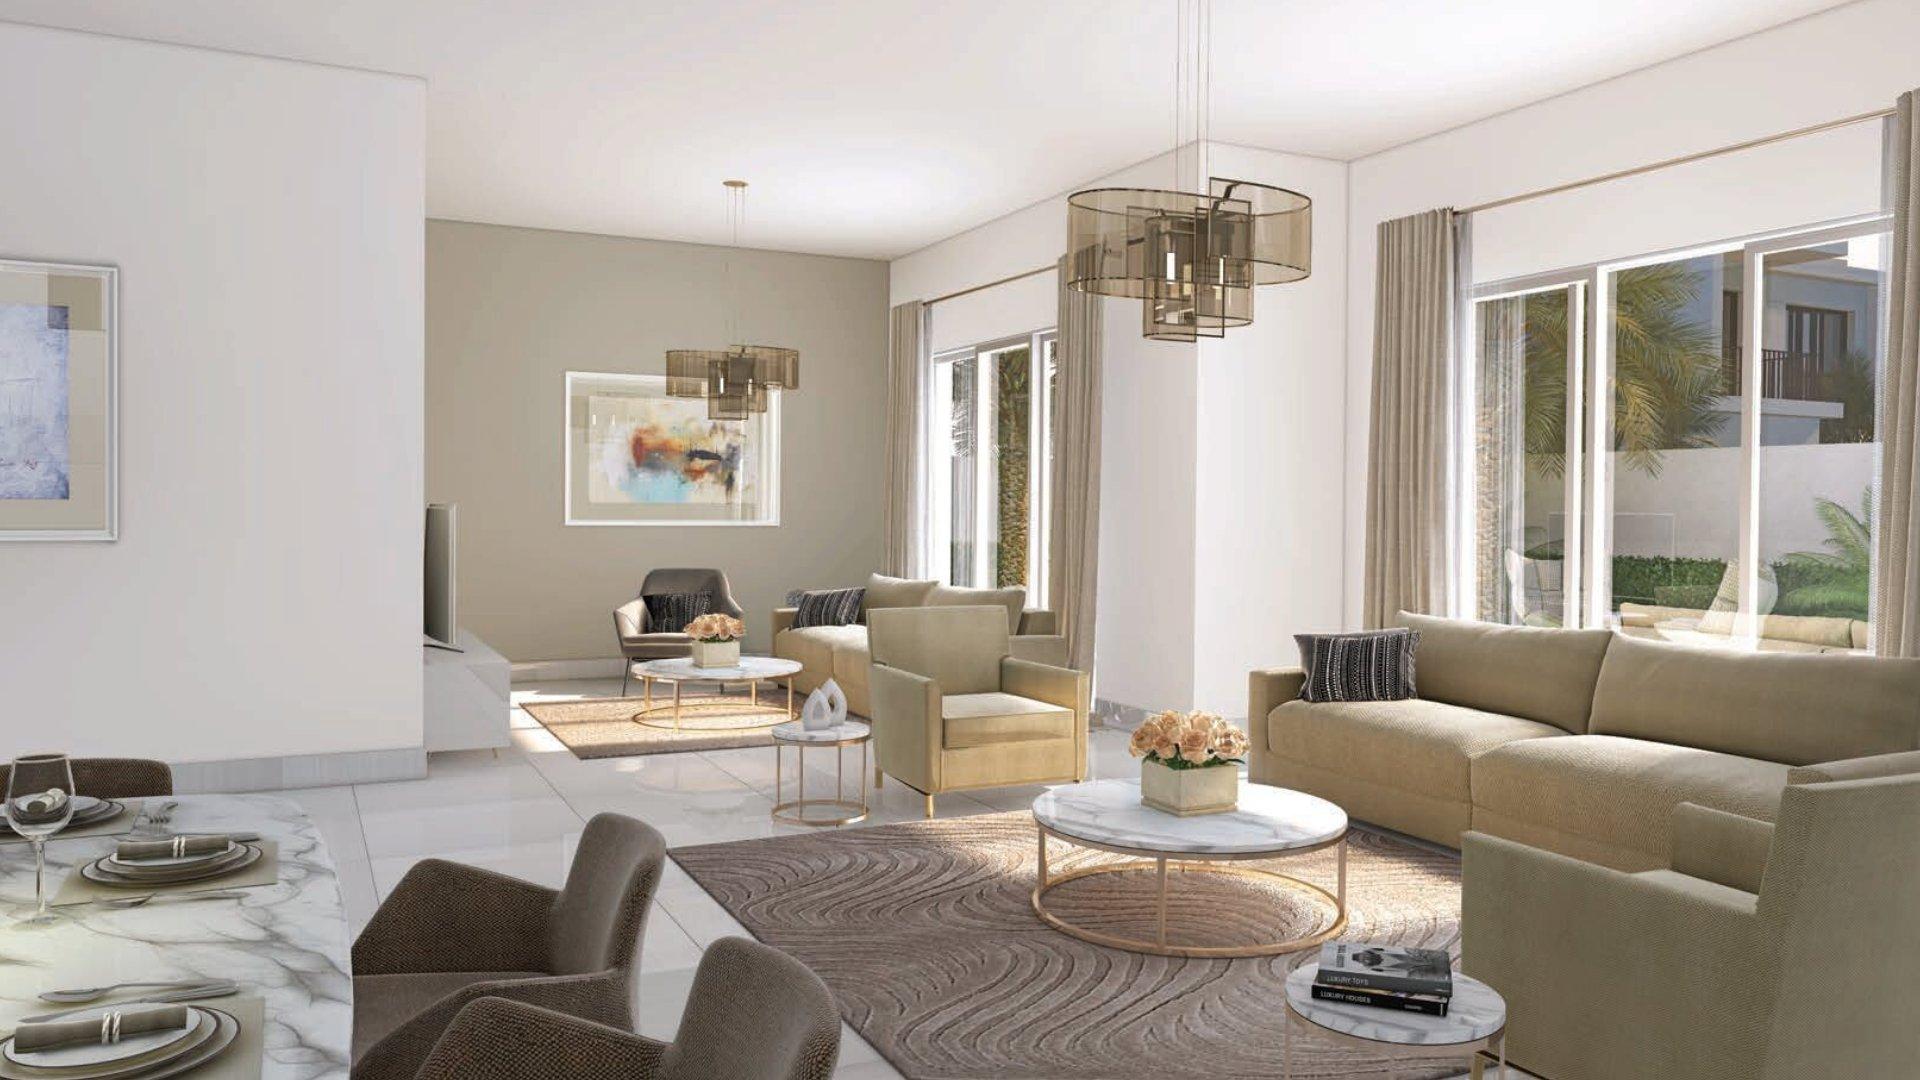 Adosado en venta en Dubai, EAU, 2 dormitorios, 165 m2, № 24436 – foto 1